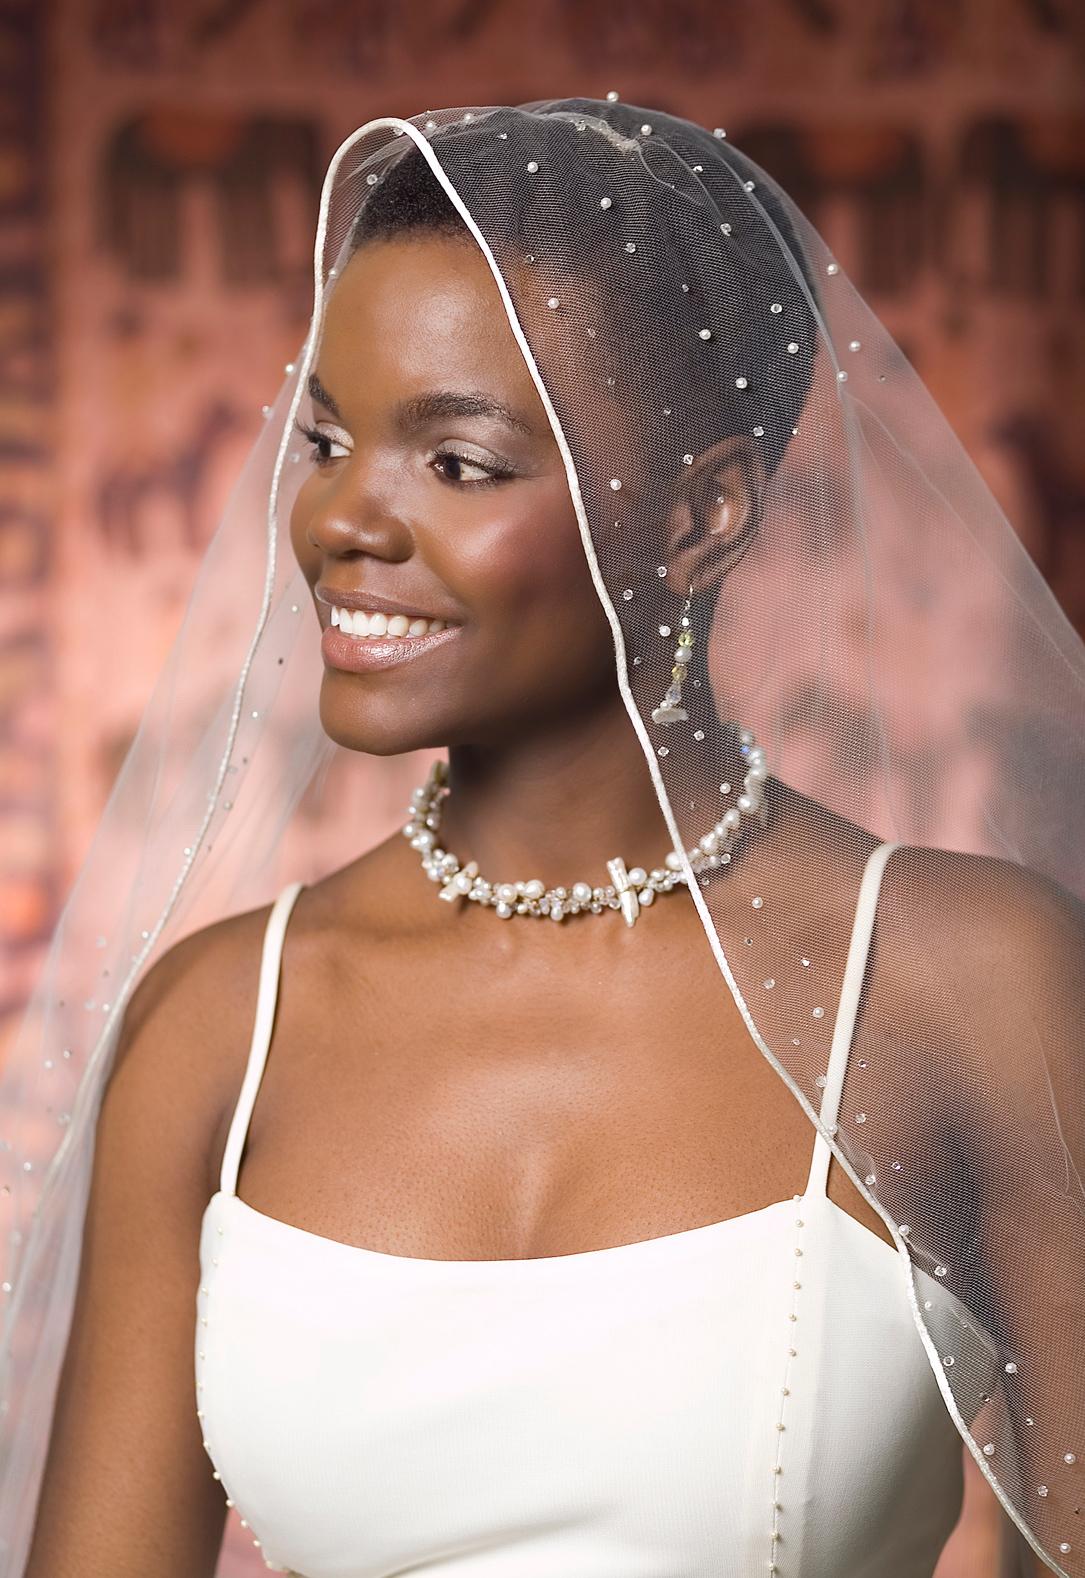 Sensational Short Hair Wedding Styles For Black Short Hair Fashions Short Hairstyles For Black Women Fulllsitofus